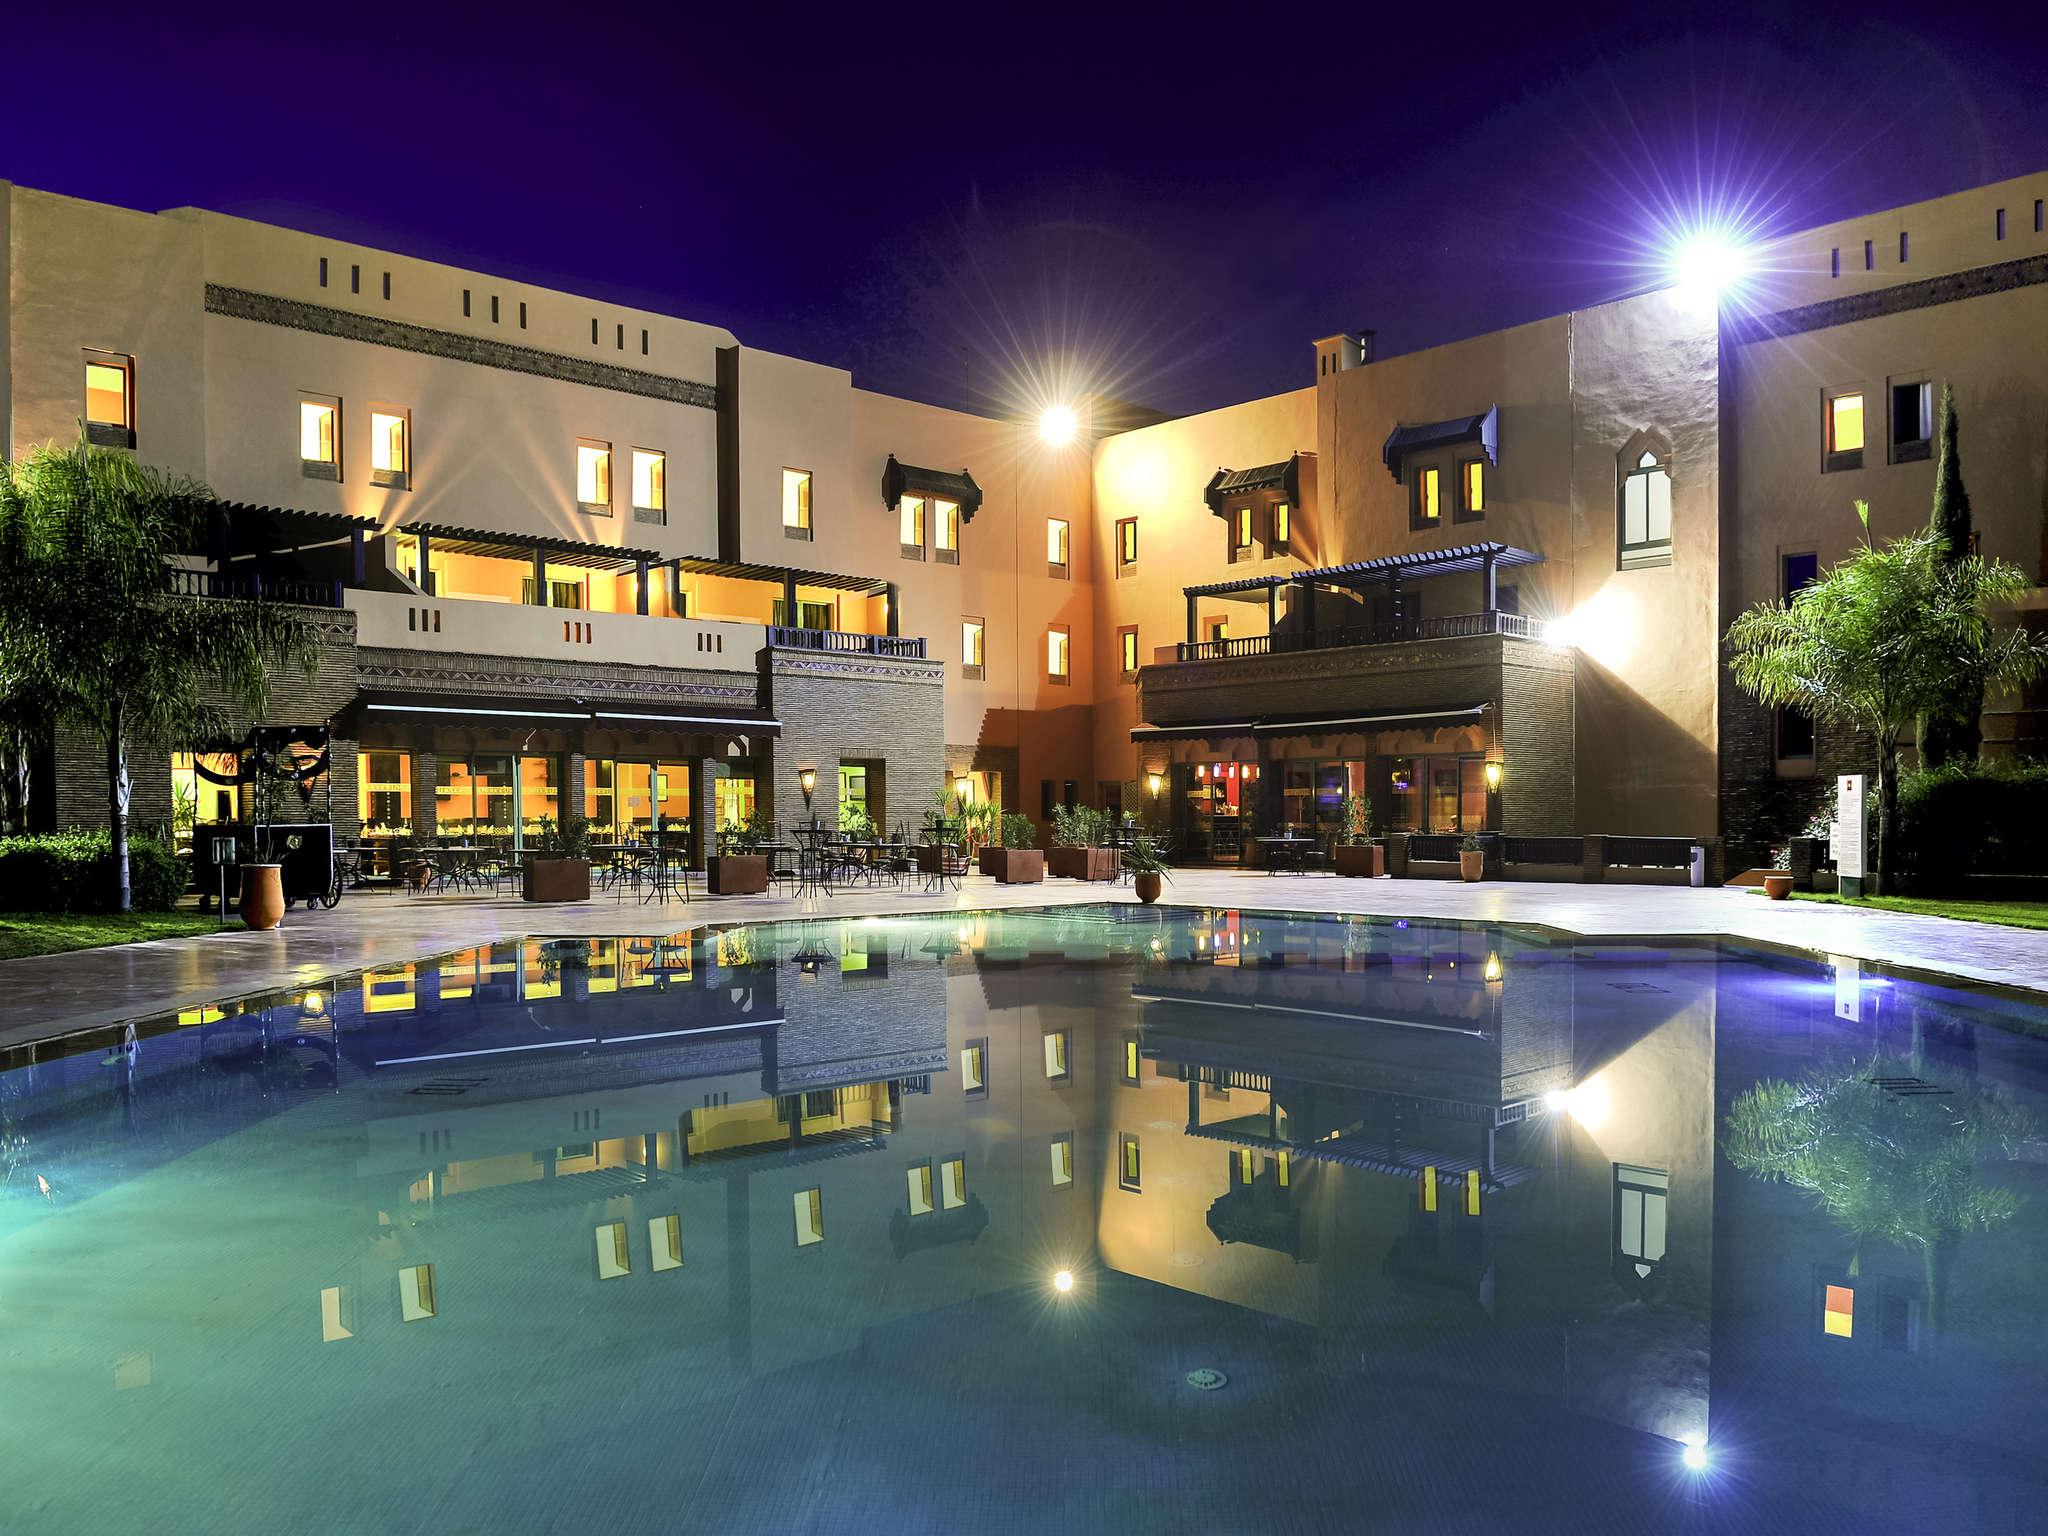 酒店 – 宜必思穆萨菲尔马拉喀什 Palmeraie 酒店